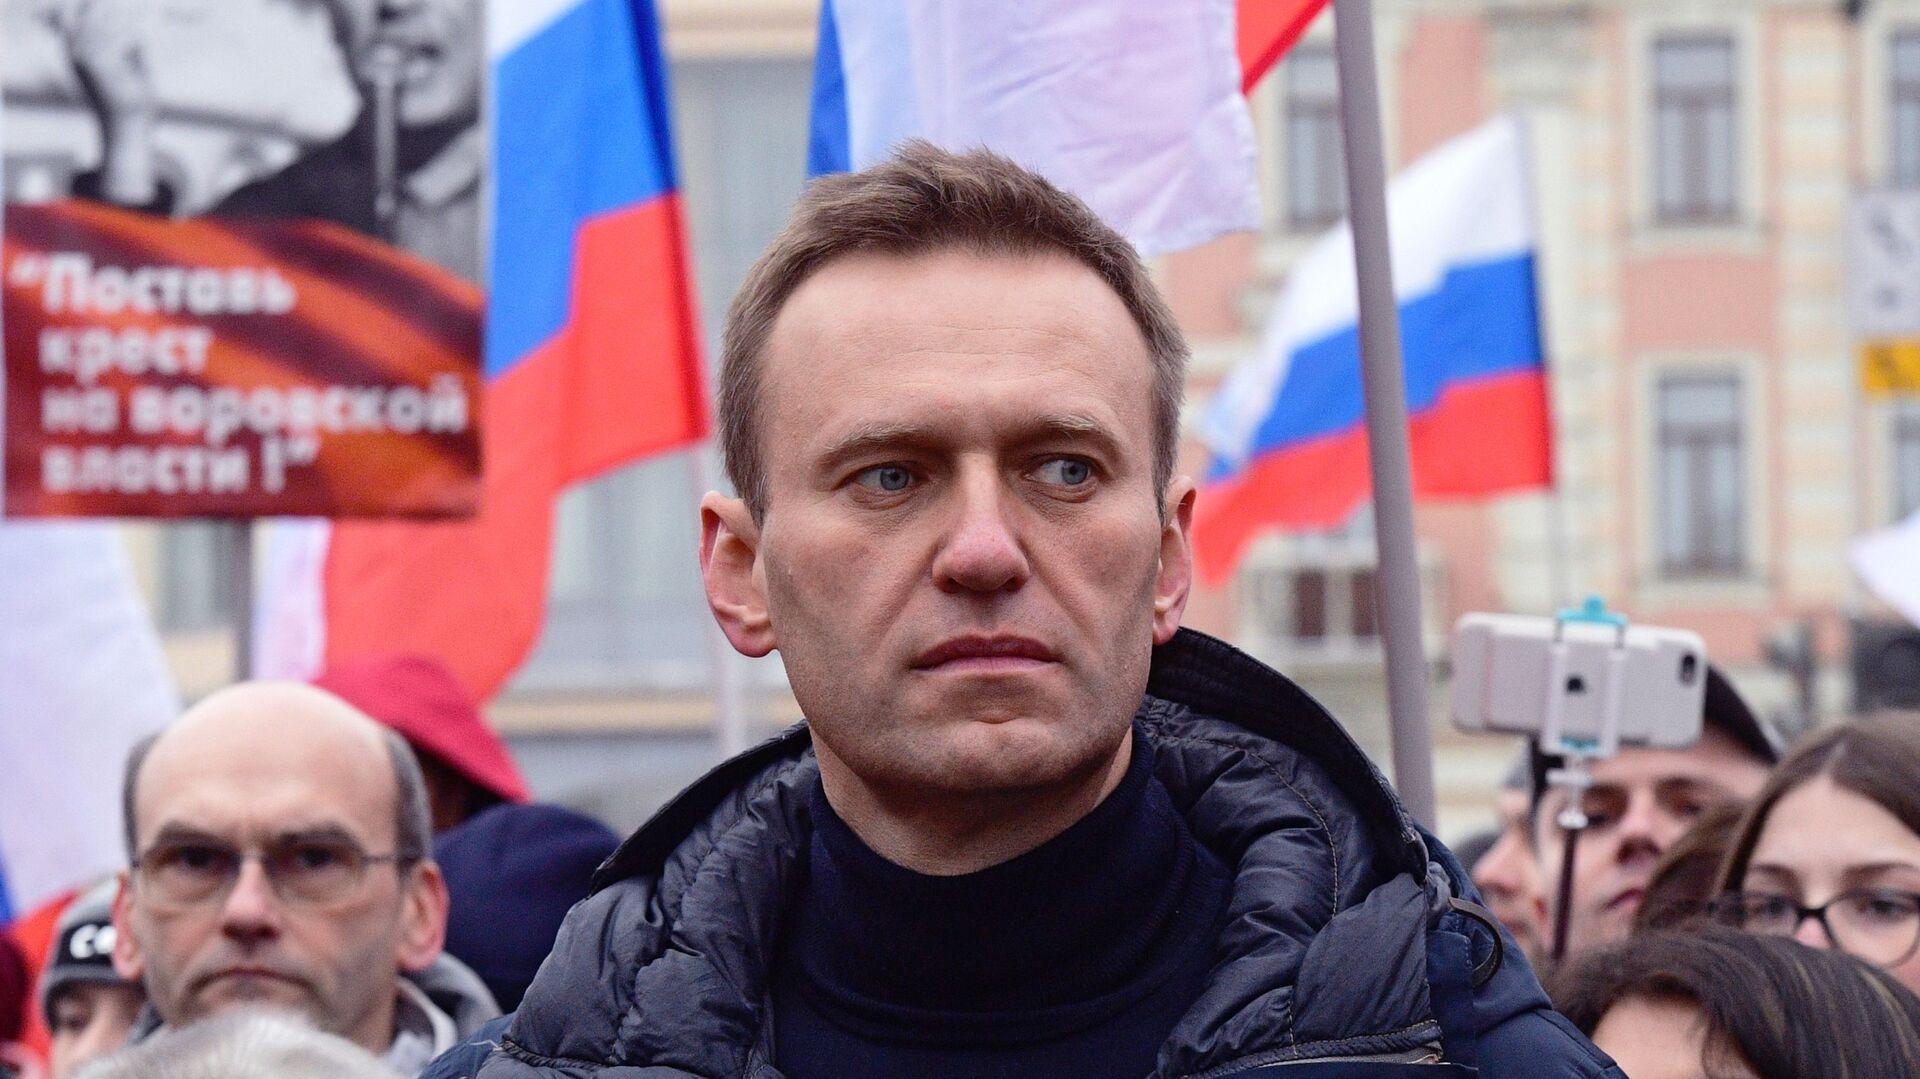 Ruský opozičník Alexej Navalnyj - Sputnik Česká republika, 1920, 10.07.2021